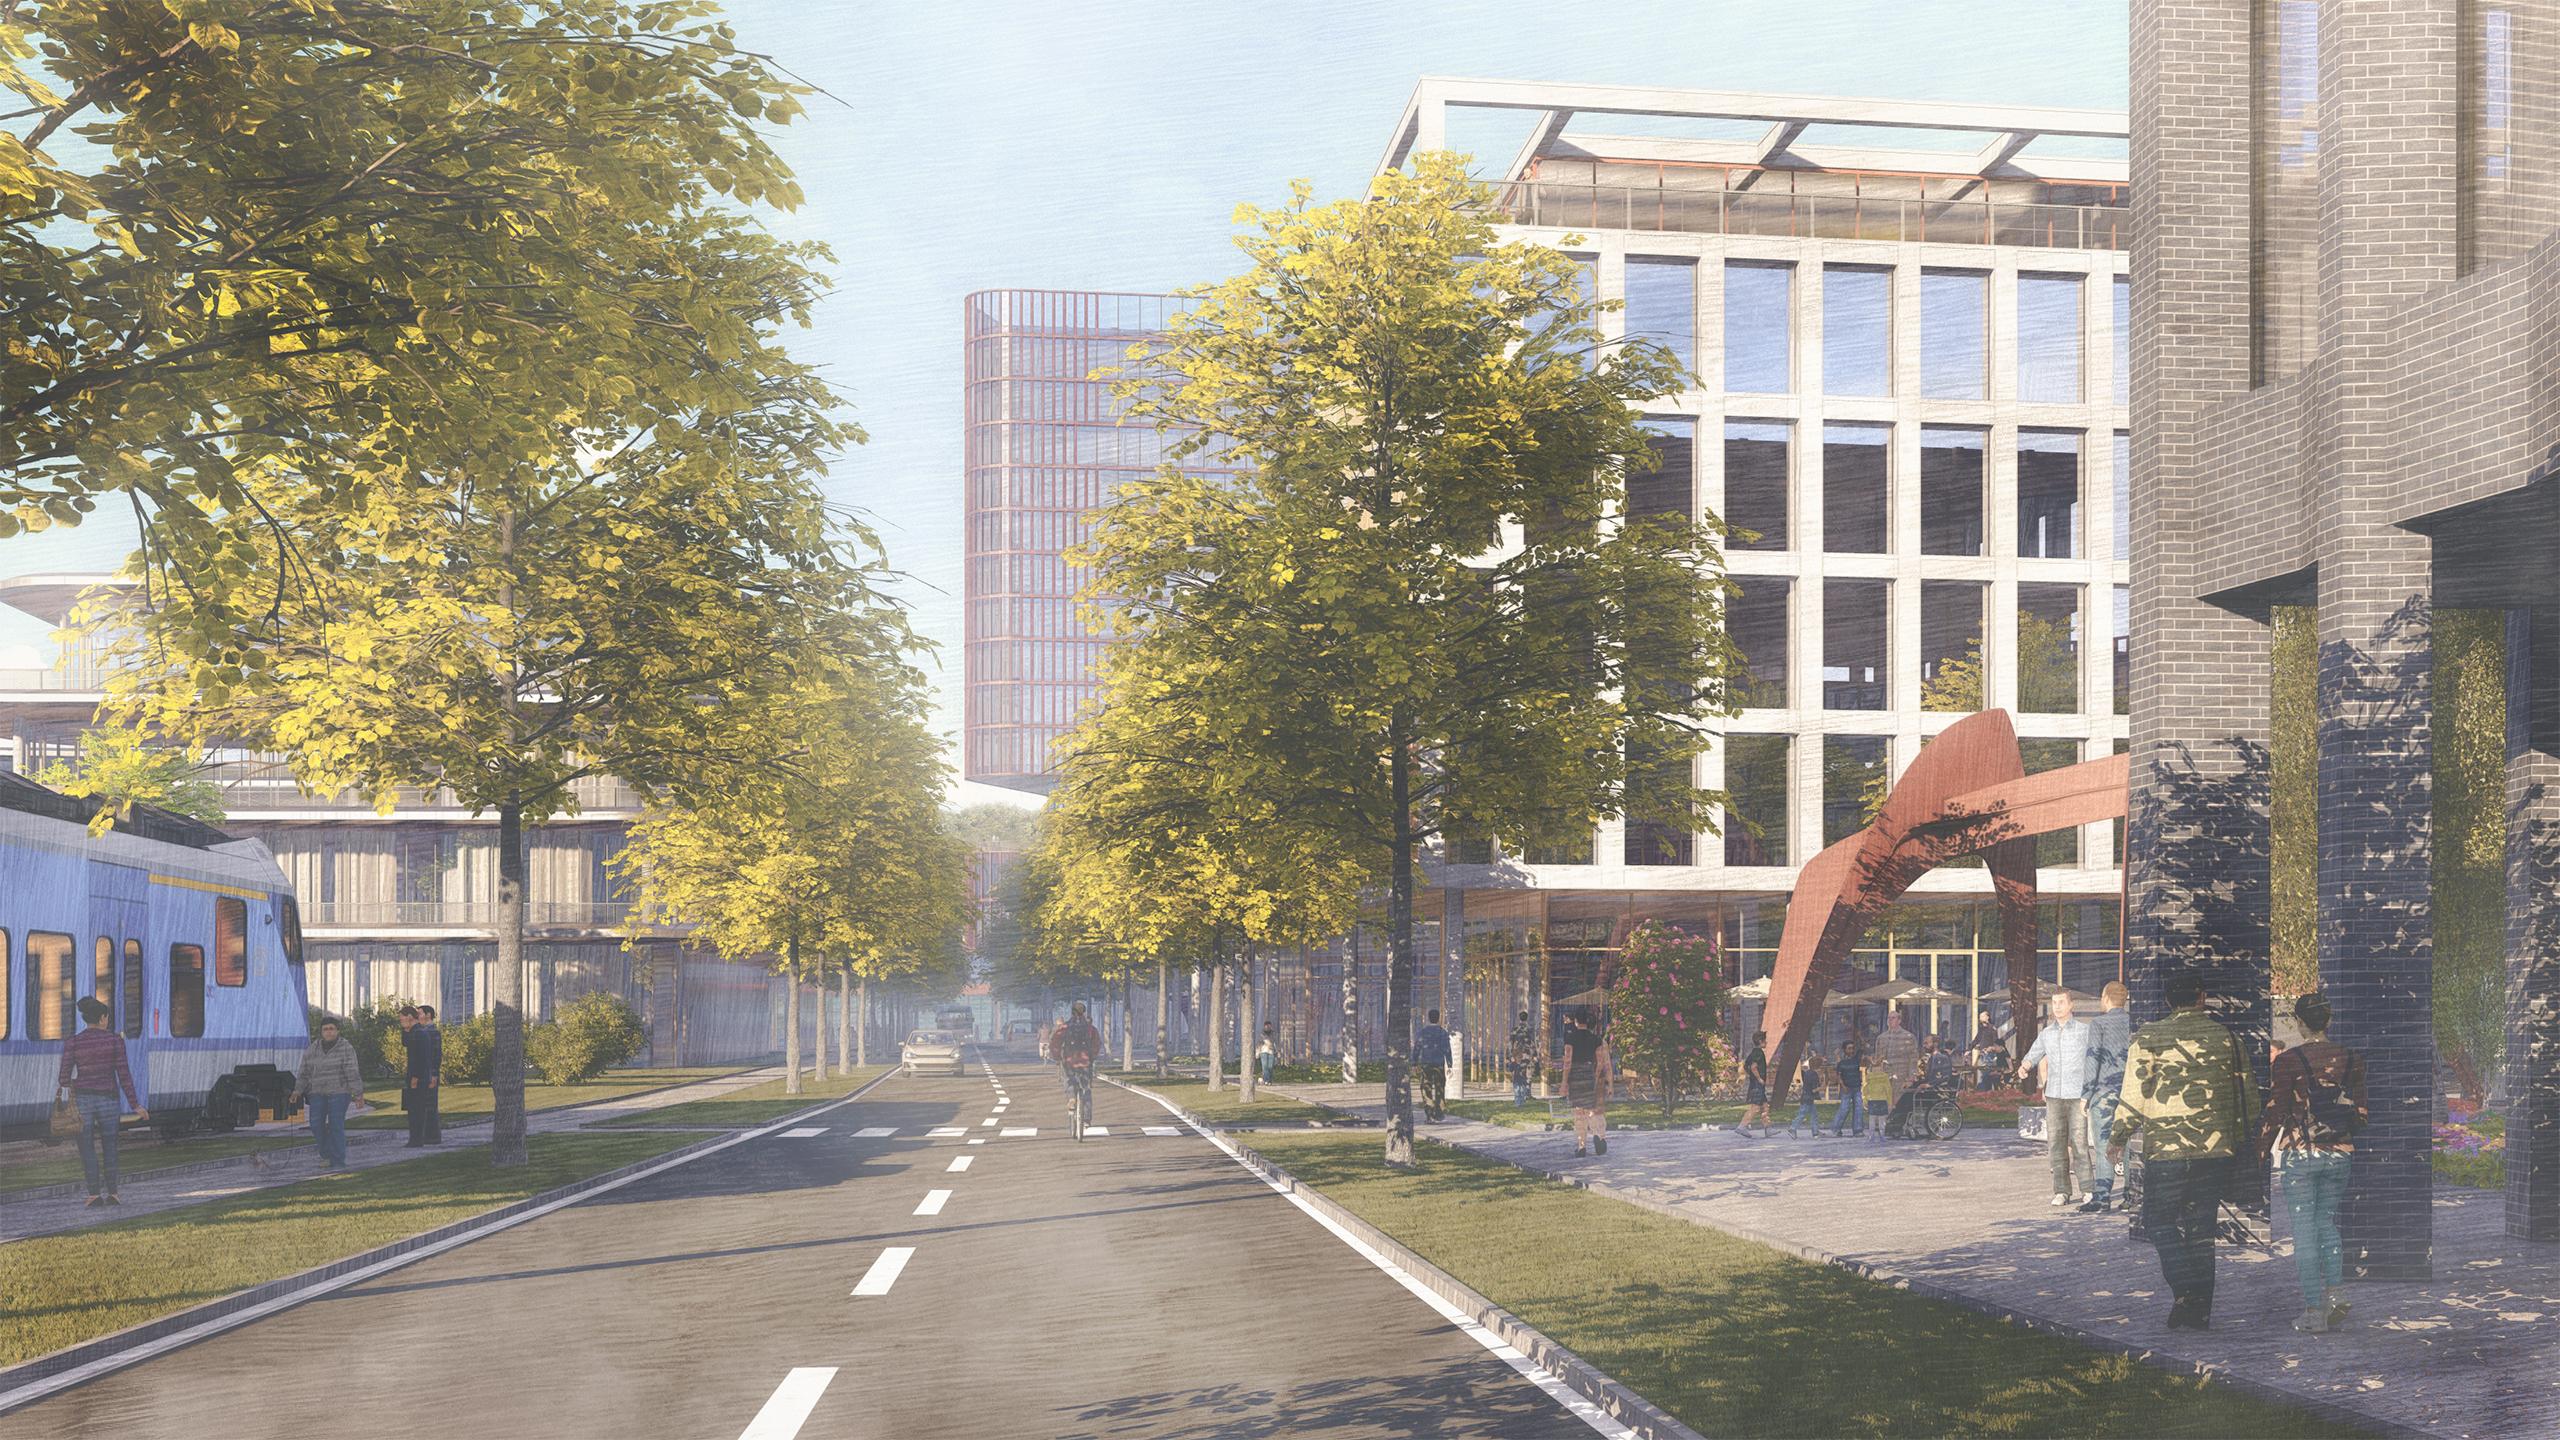 Bottler_Lutz_Architekten_Am_Schanzenberg_Architektur_Studie_Vision_Saarbrücken_Neubau_Quartier_AmSchanzenberg